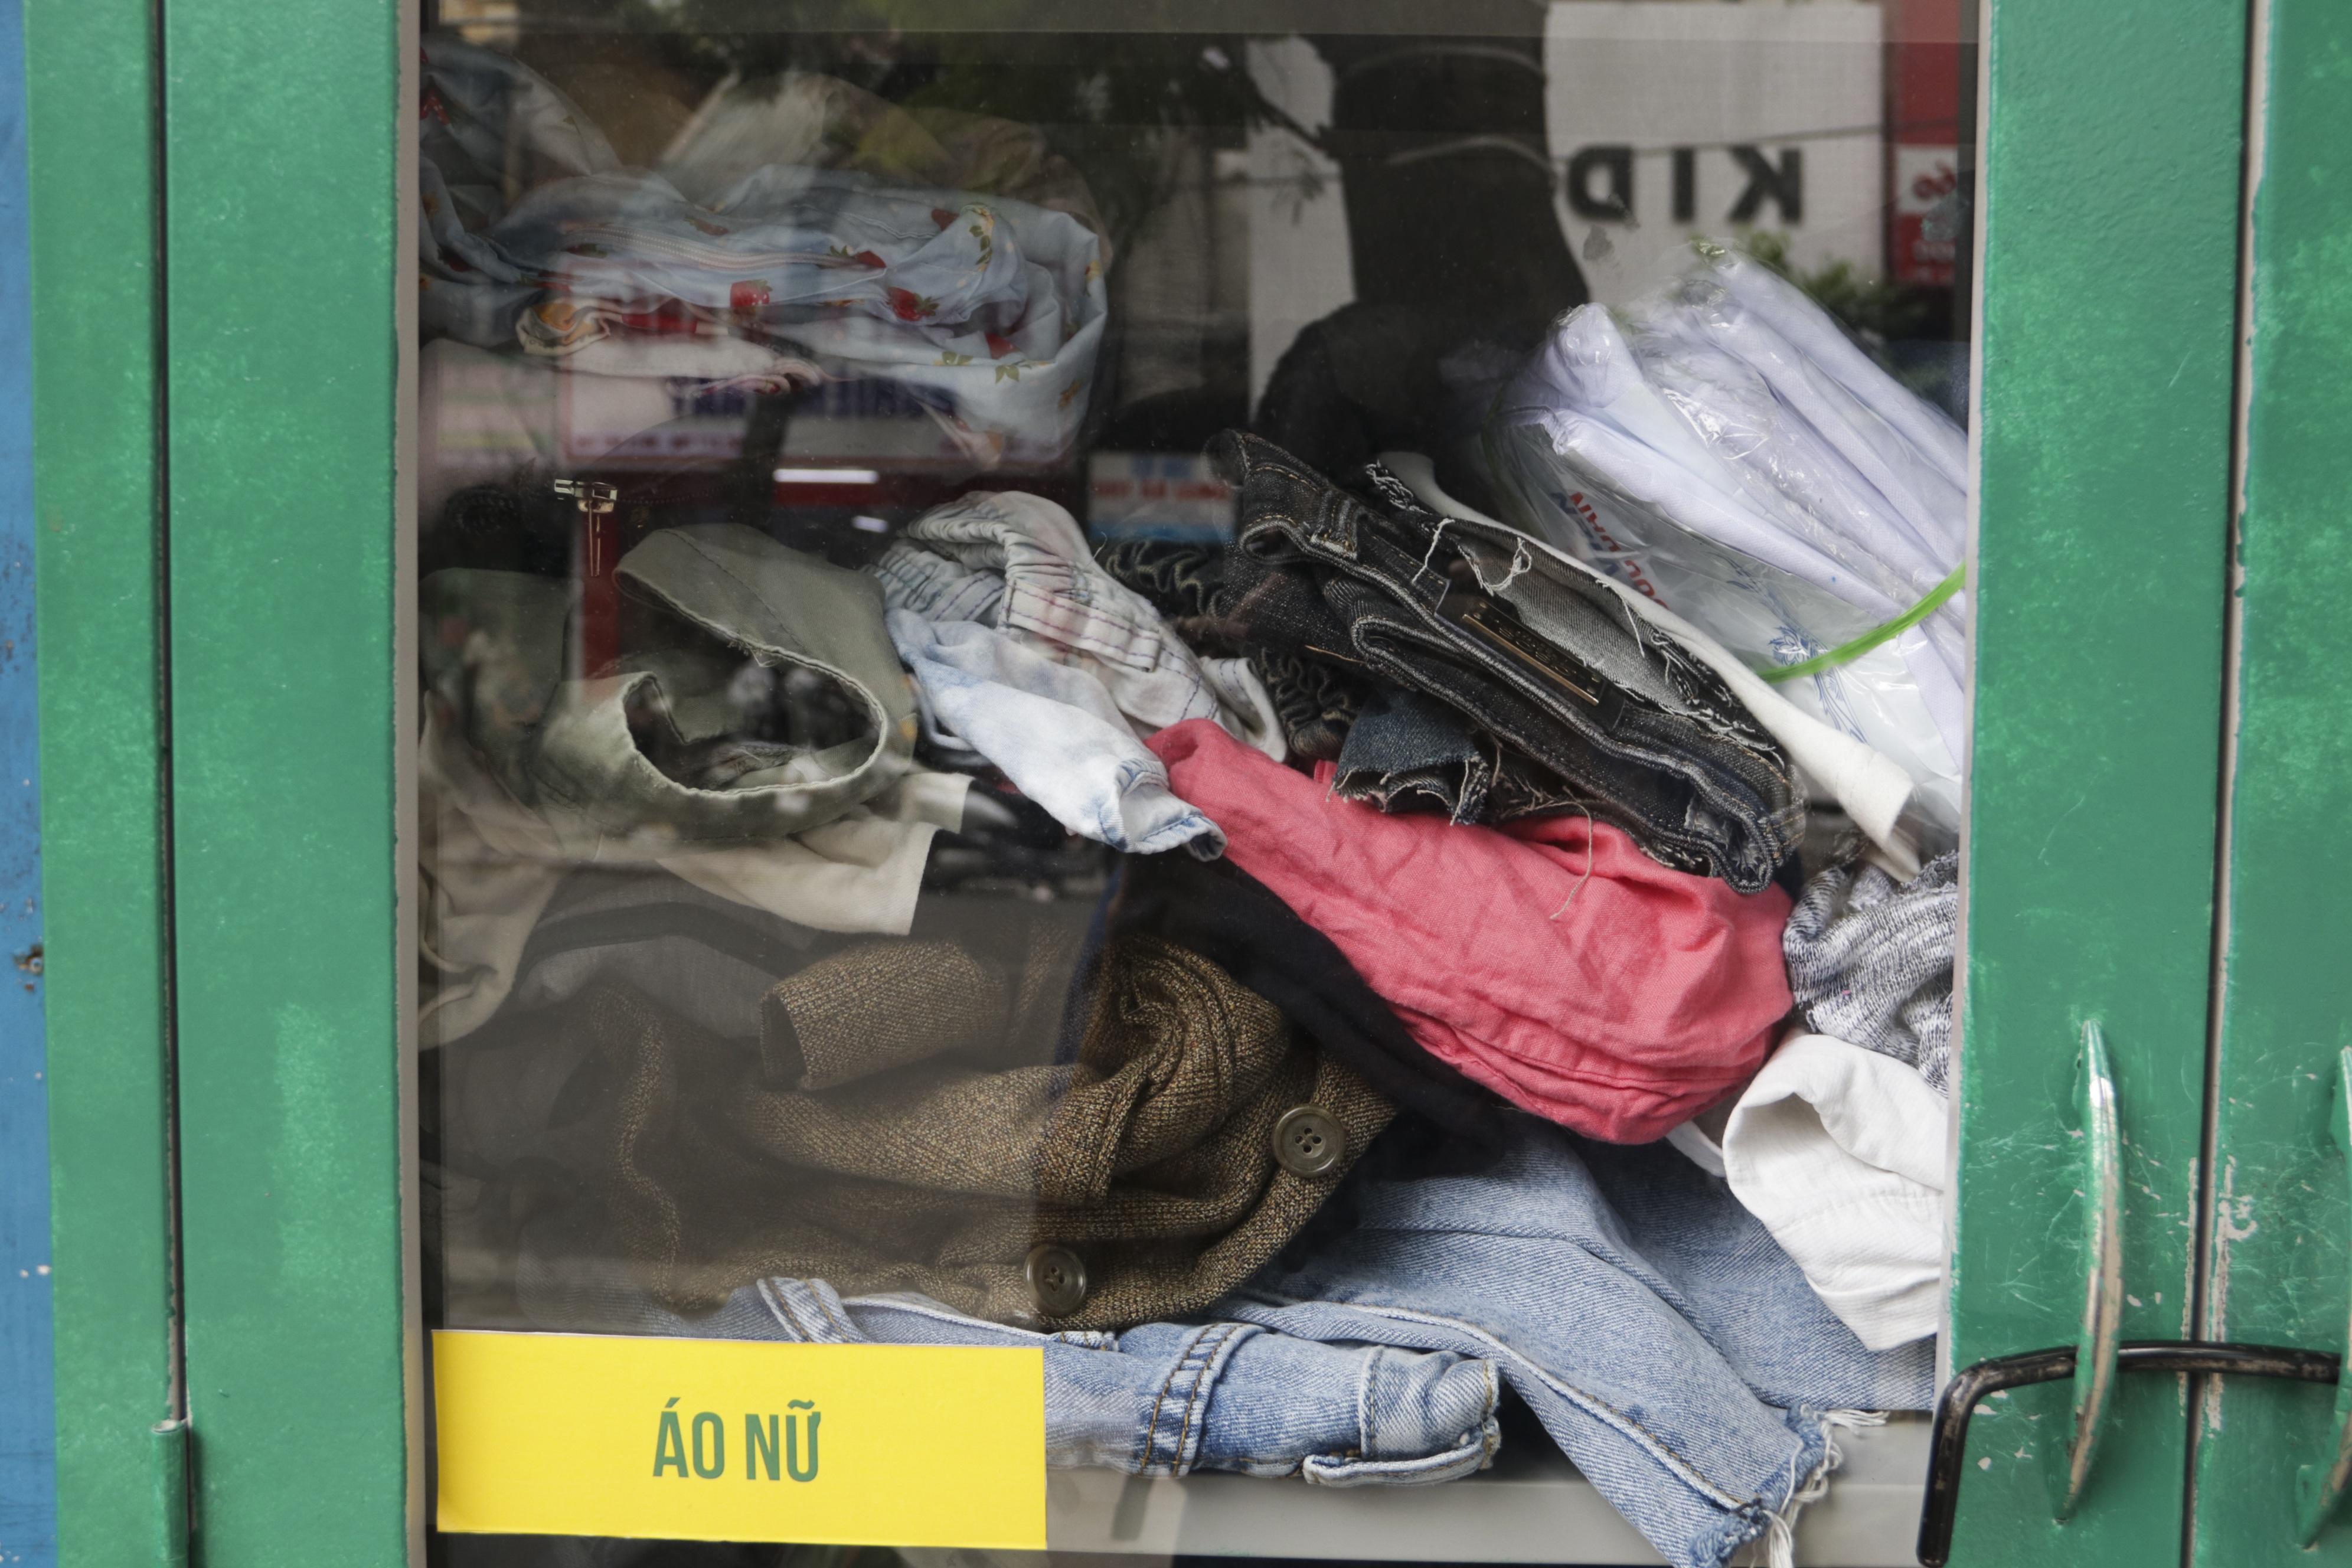 Hà Nội: Xuất hiện nhiều tủ quần áo 0 đồng dành cho người nghèo - 16